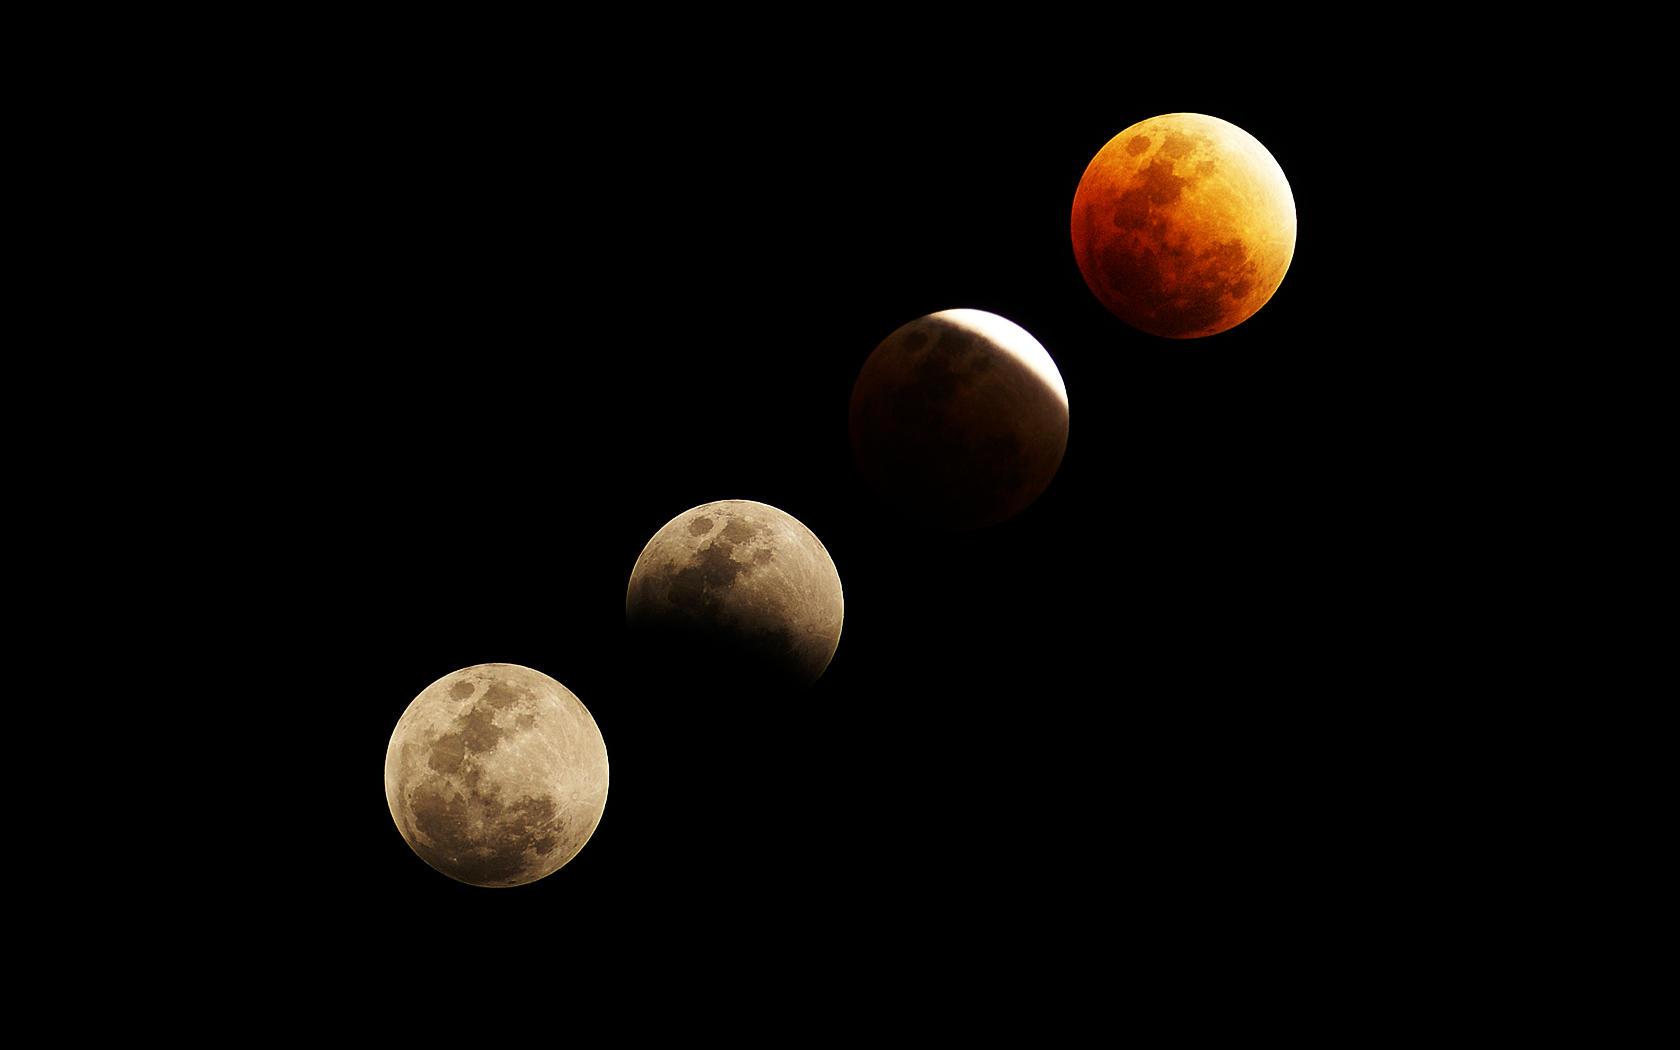 Lunar Eclipse Wallpaper by javierocasio